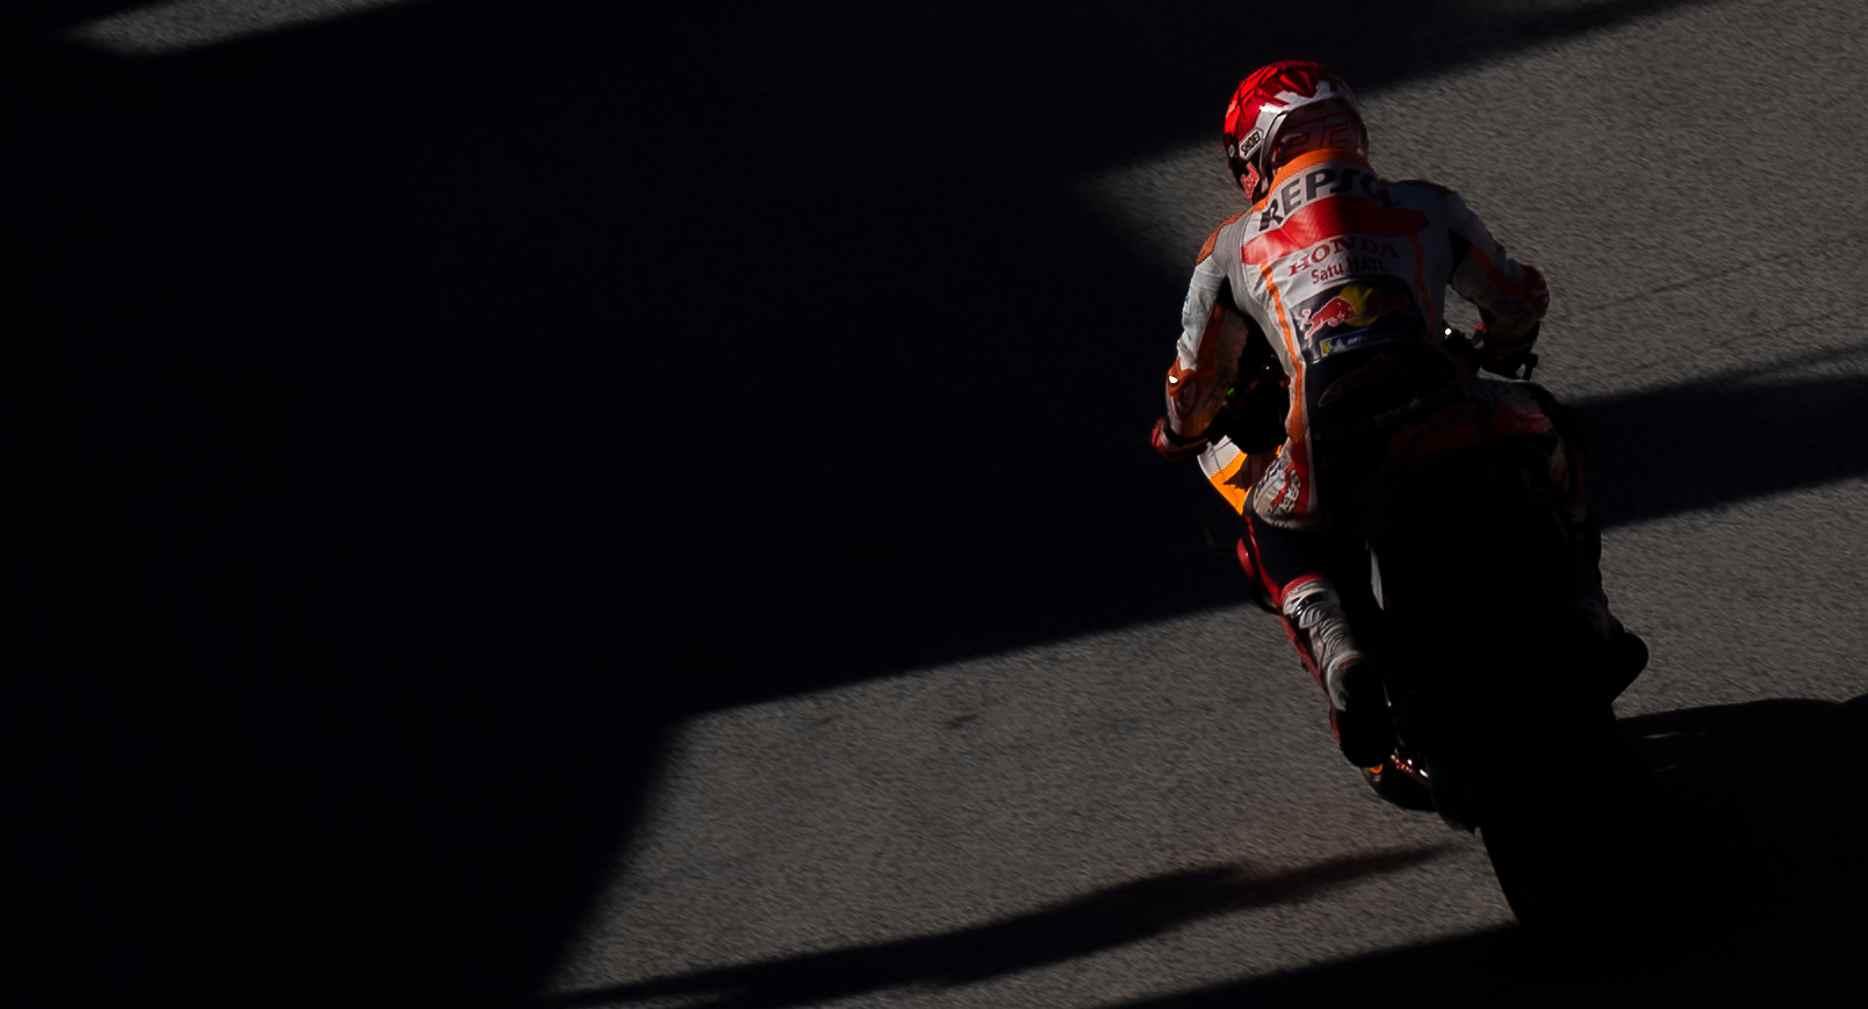 Marc Marquez in pista sulla Honda nelle qualifiche del Gran Premio di San Marino di MotoGP 2021 a Misano Adriatico